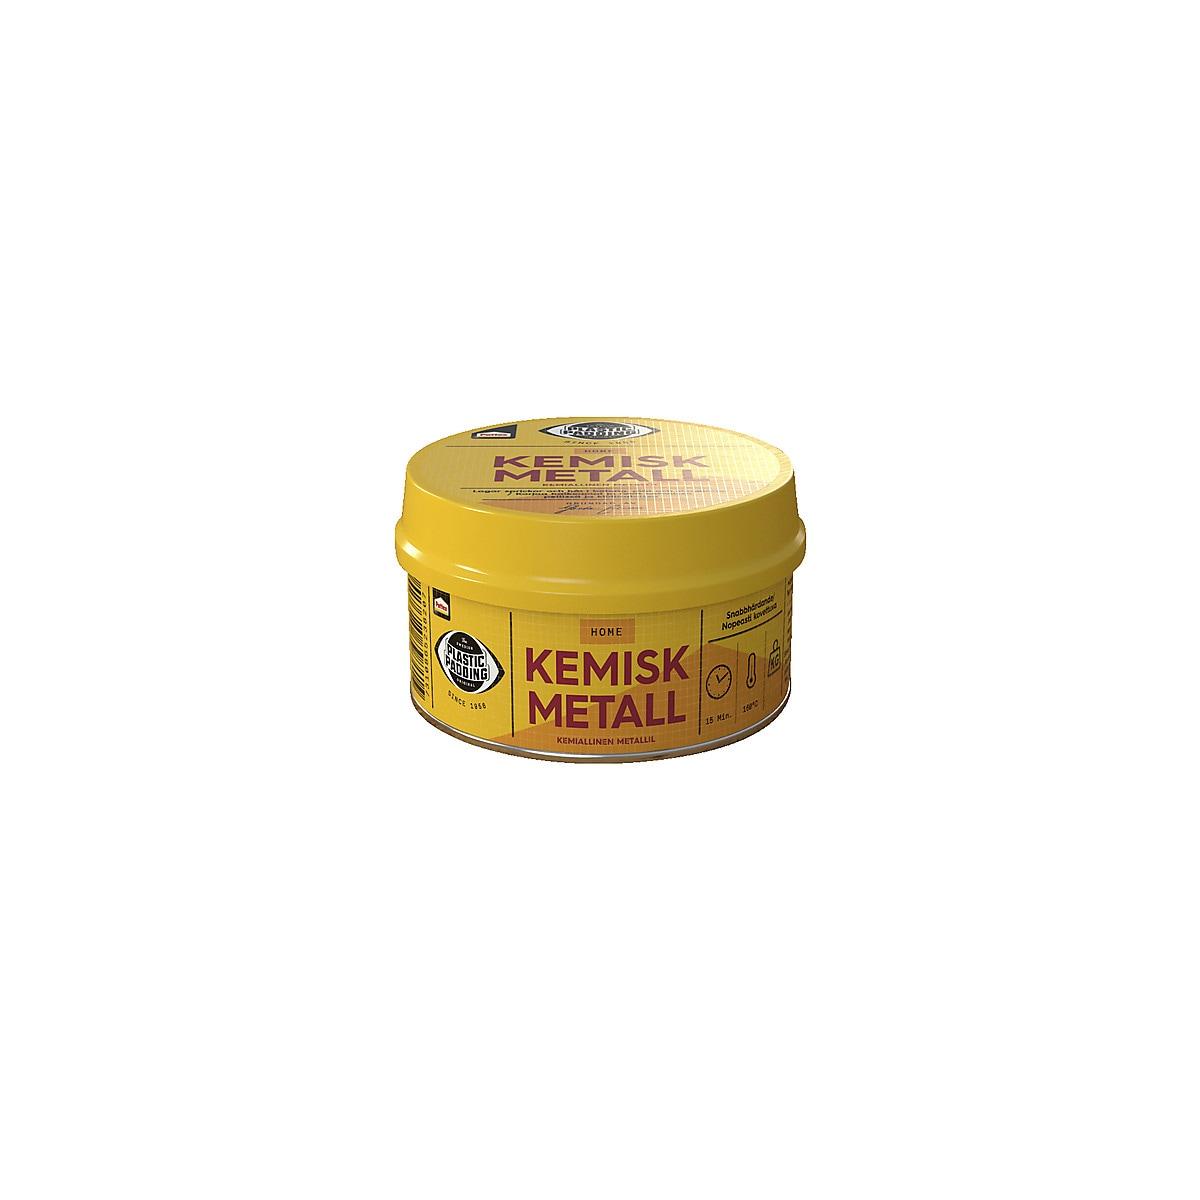 Kemisk metall Plastic Padding